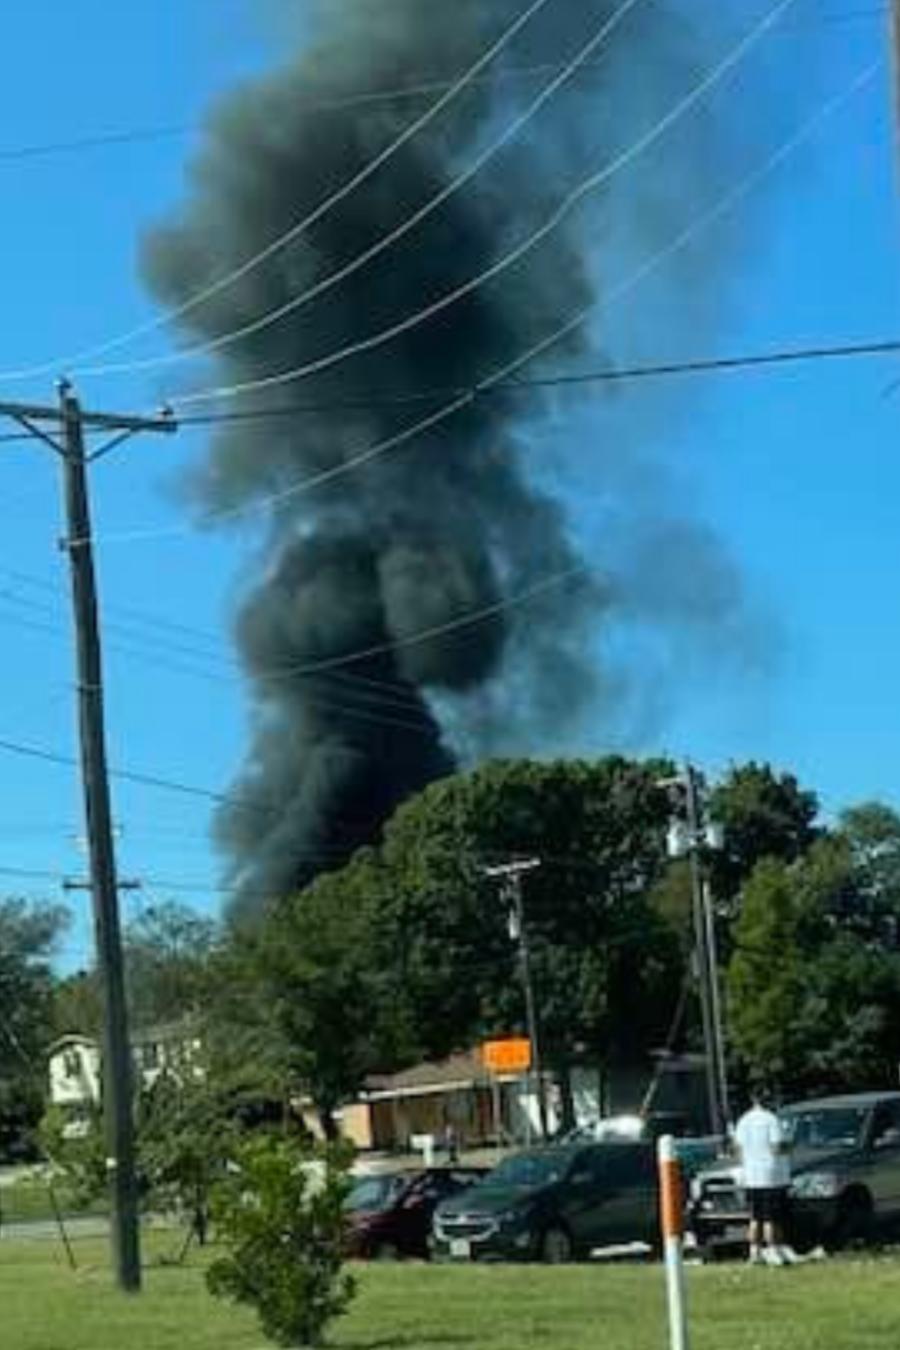 Un avión militar se estrelló este domingo en una zona residencia en Lake Worth, Texas.